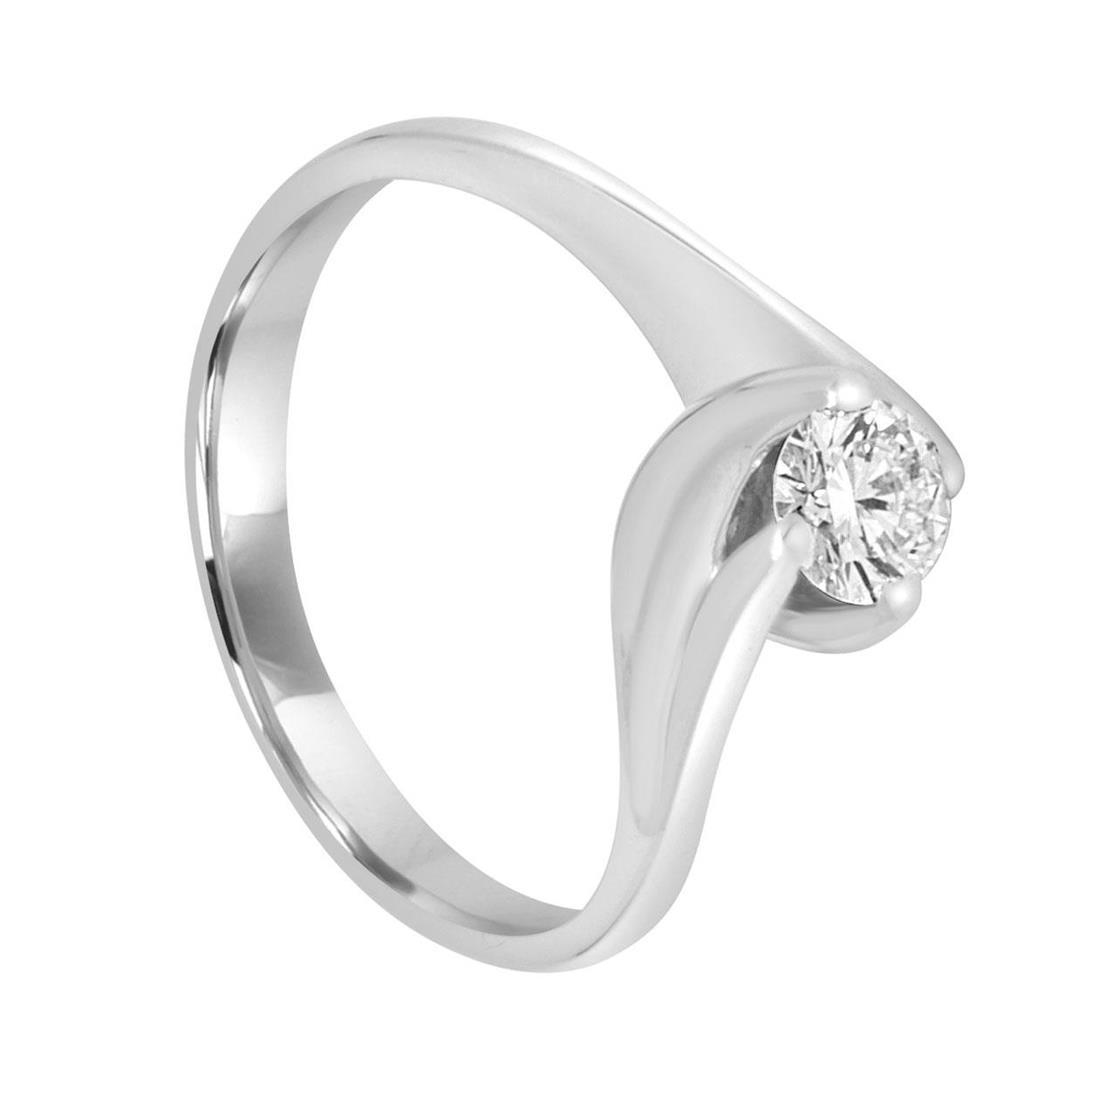 Anello solitario in oro bianco con diamante - ALFIERI & ST. JOHN